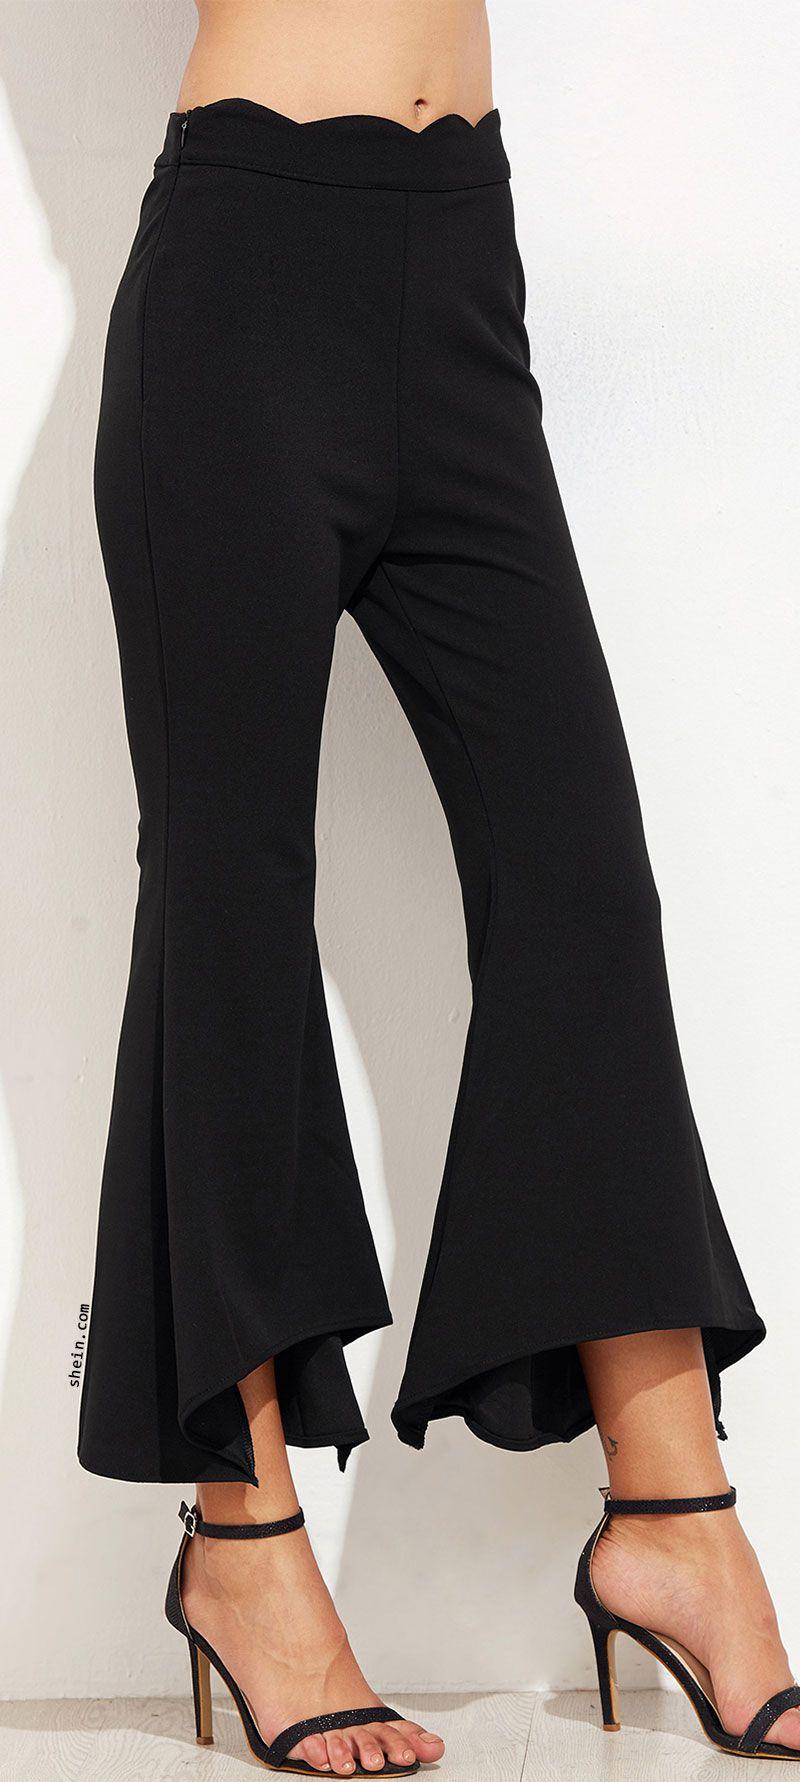 SheIn Pantalon Femmes Fitness V ecirc tements Femmes Pantalon Occasionnels  Pantalon de Femmes Noir P eacute toncles Taille Asym eacute trique  Eacute  ... 2414f7704572